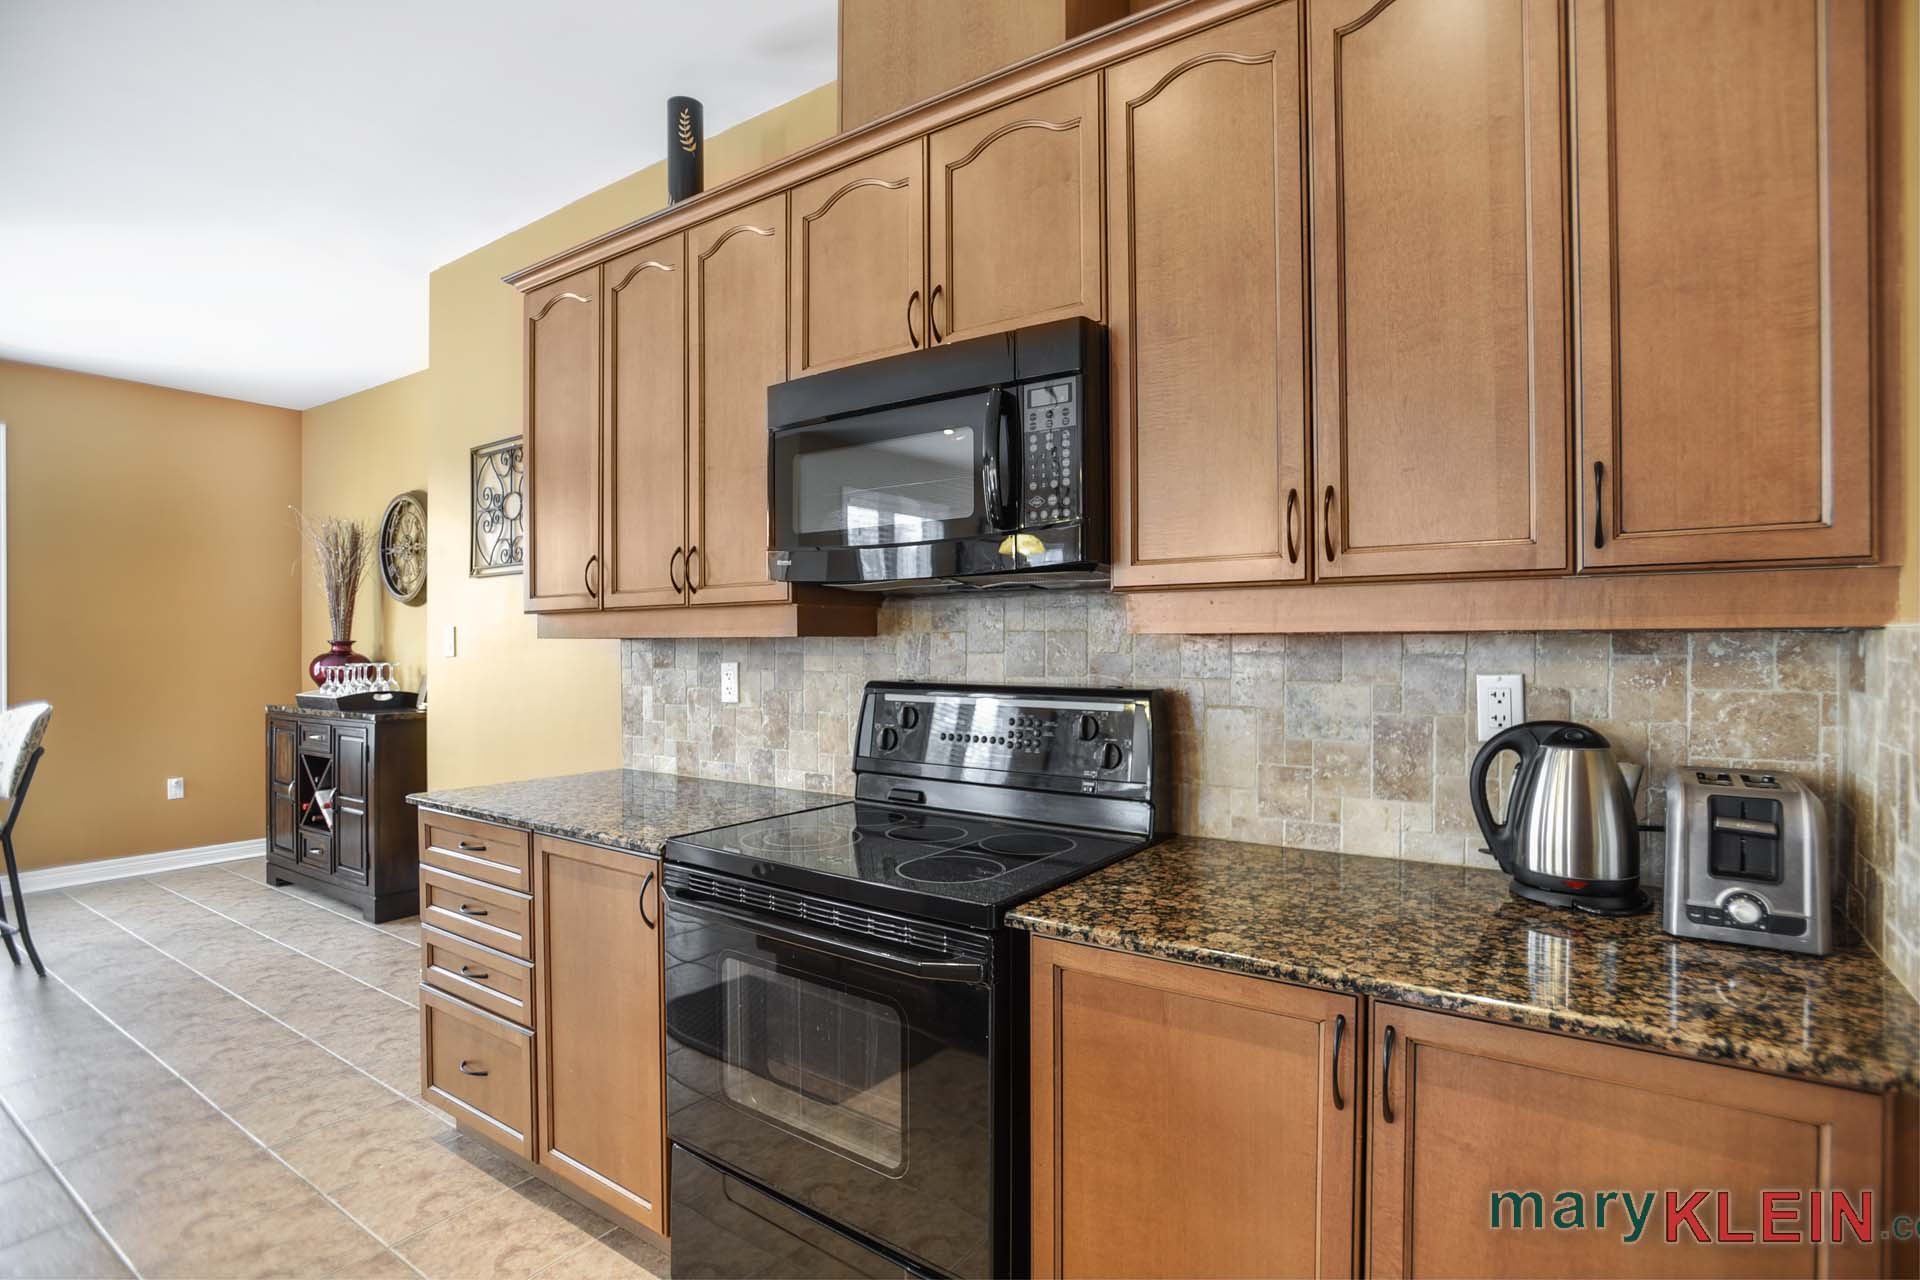 Maple Kitchen, granite countertop